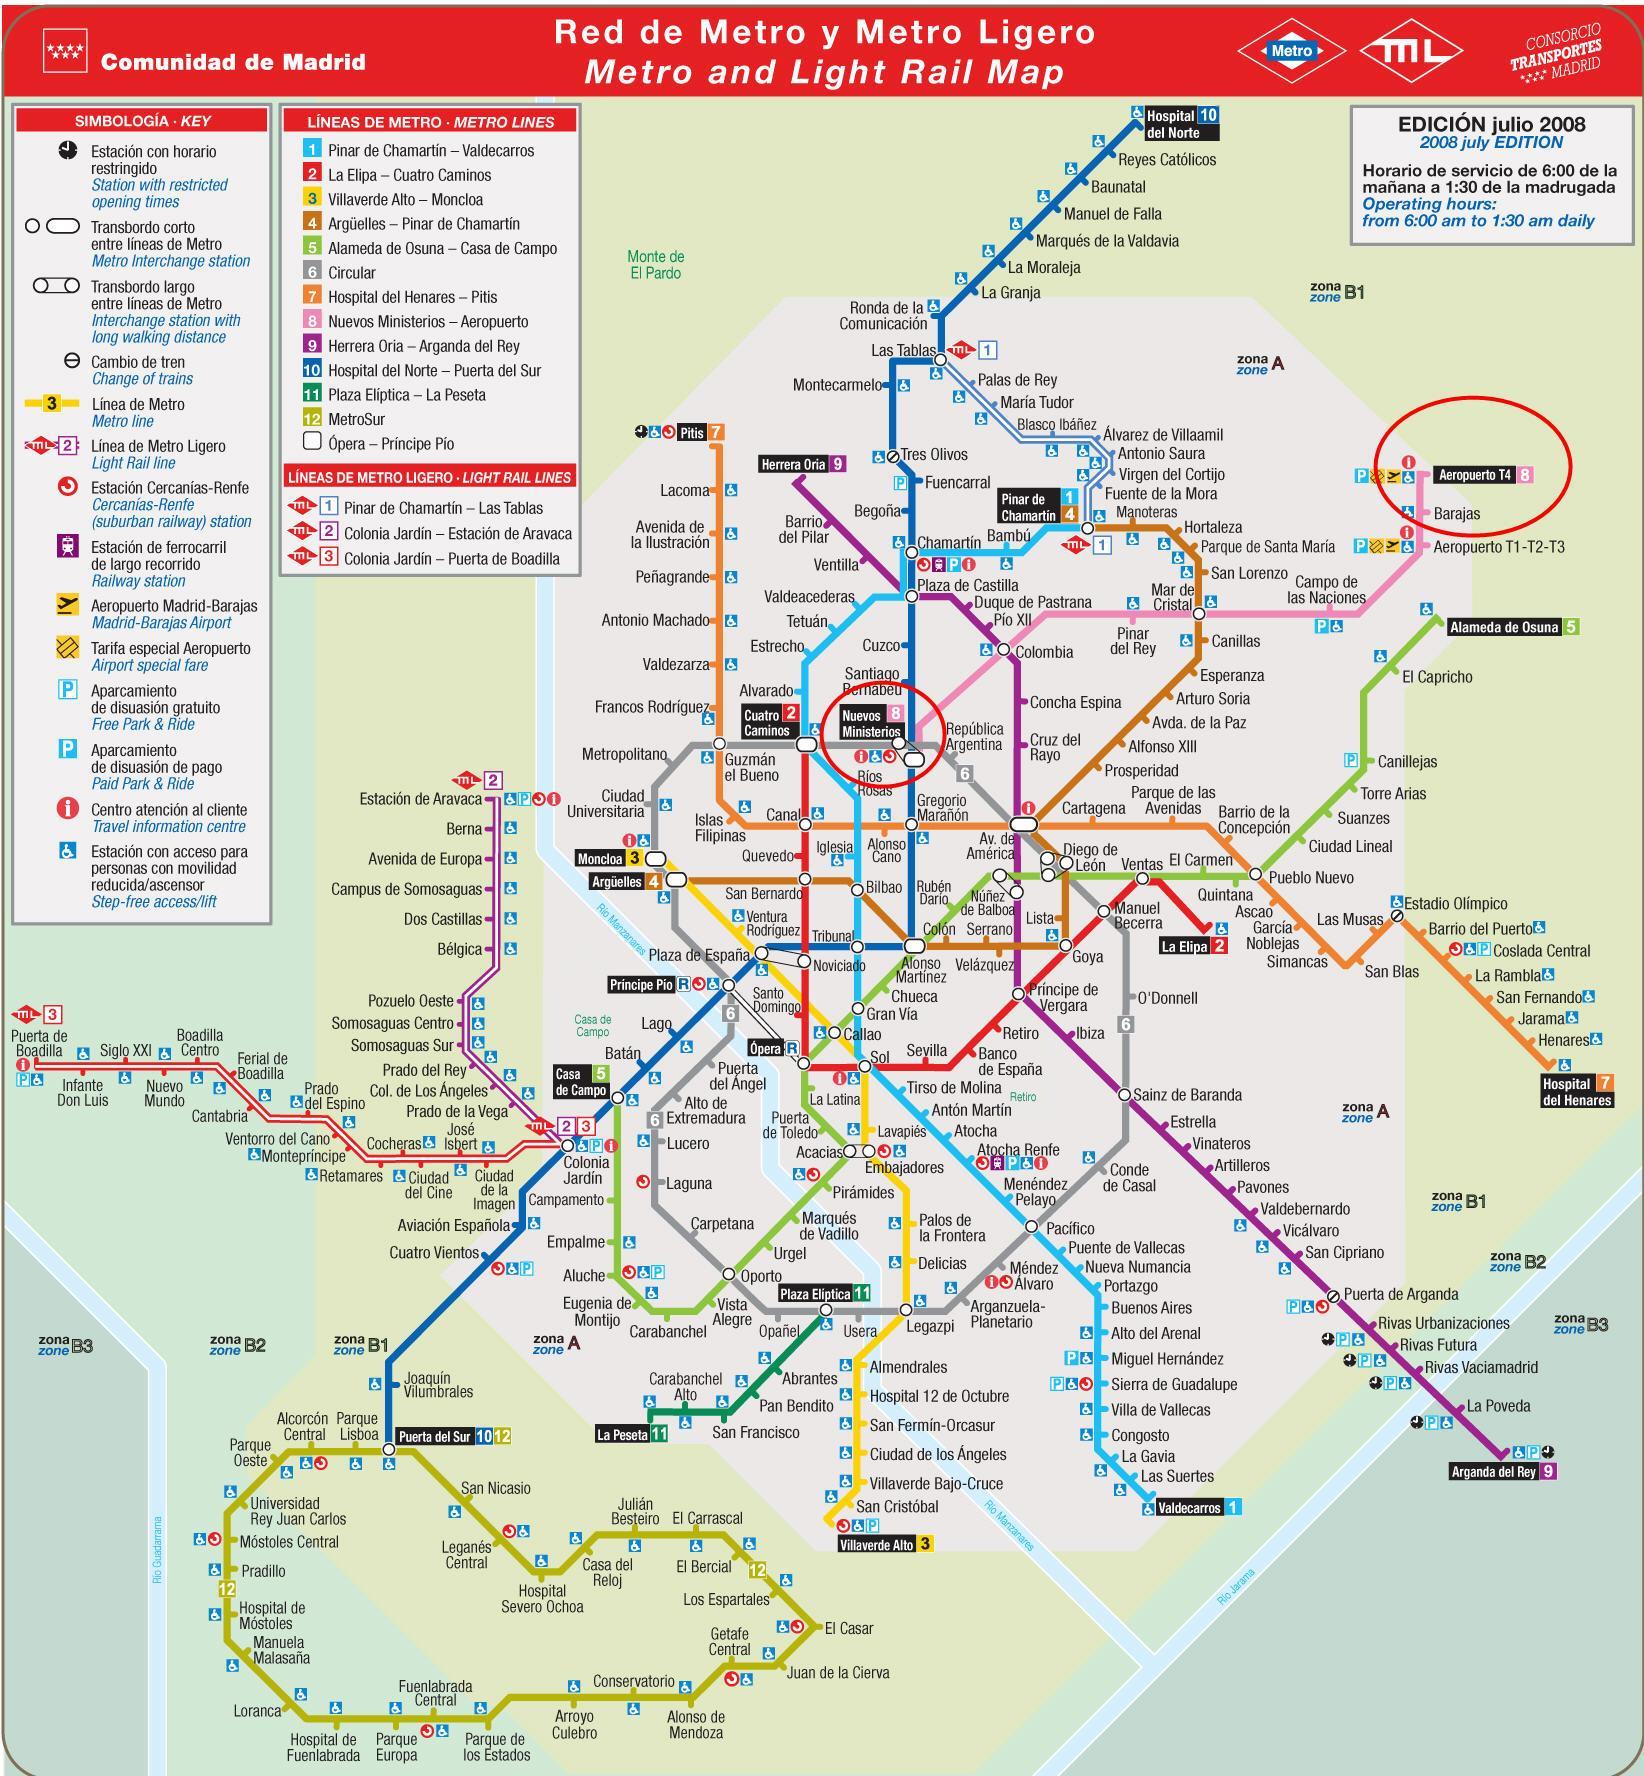 Madrid airport metro map - Madrid metro map airport (Spain) on paris metro map, xiamen metro map, prague metro map, cph metro map, nanchang metro map, ningbo metro map, rome metro map, barcelona metro map, the hague metro map, jakarta metro map, los angeles metro map, tokyo metro map, montreal metro map, london tube map, marrakech metro map, mexico city metro map, dhaka metro map, moscow metro map, kharkov metro map, lisbon metro map,